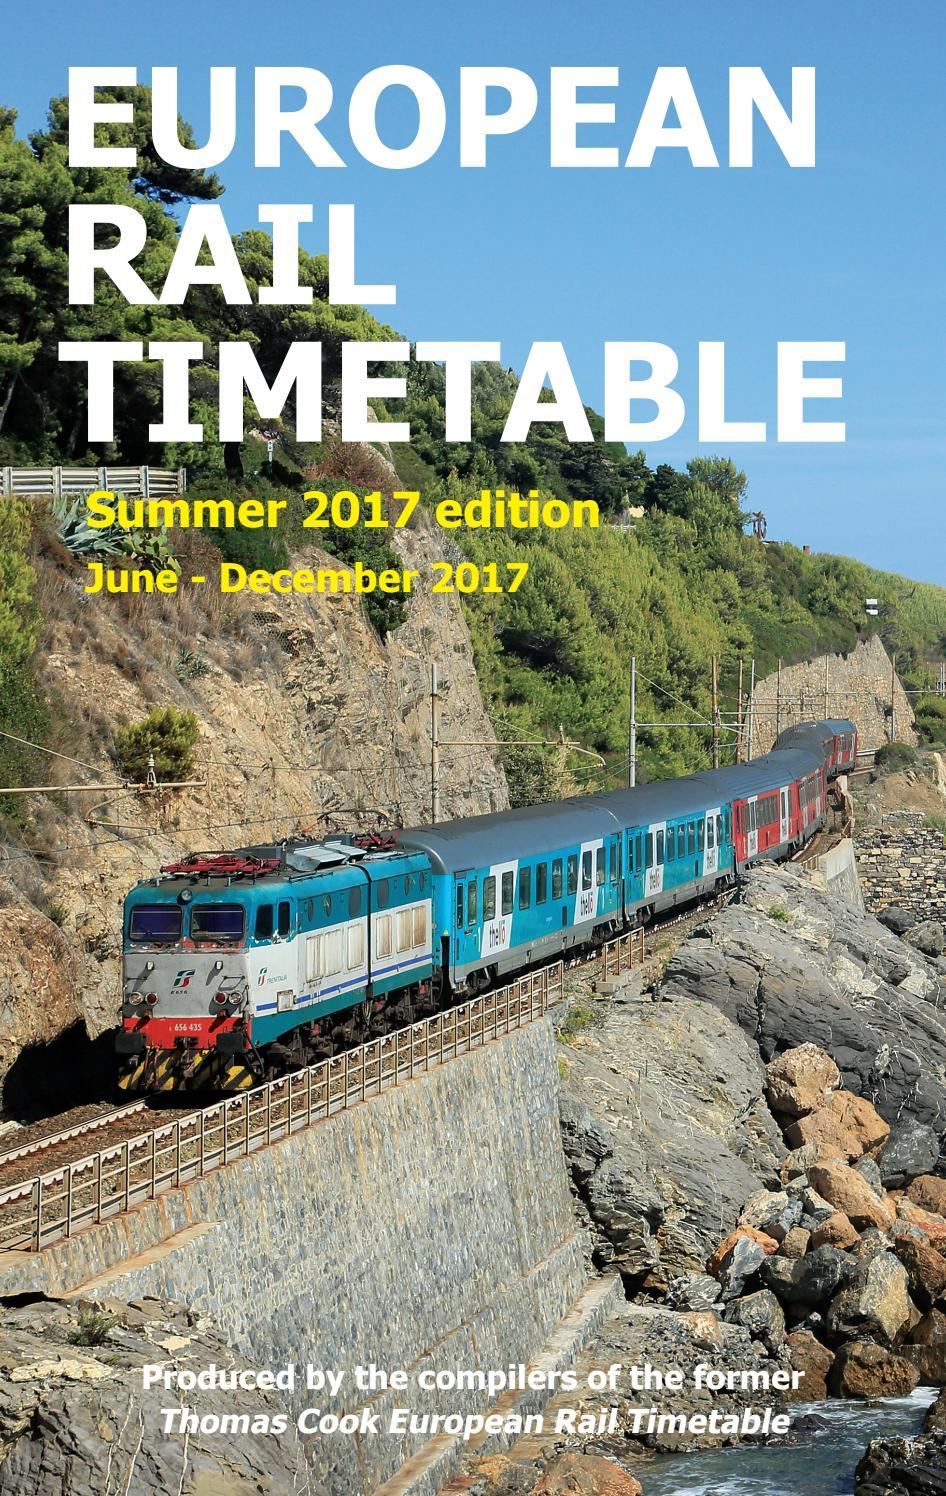 Sum2017 European Rail Timetable SAMPLE by European Rail